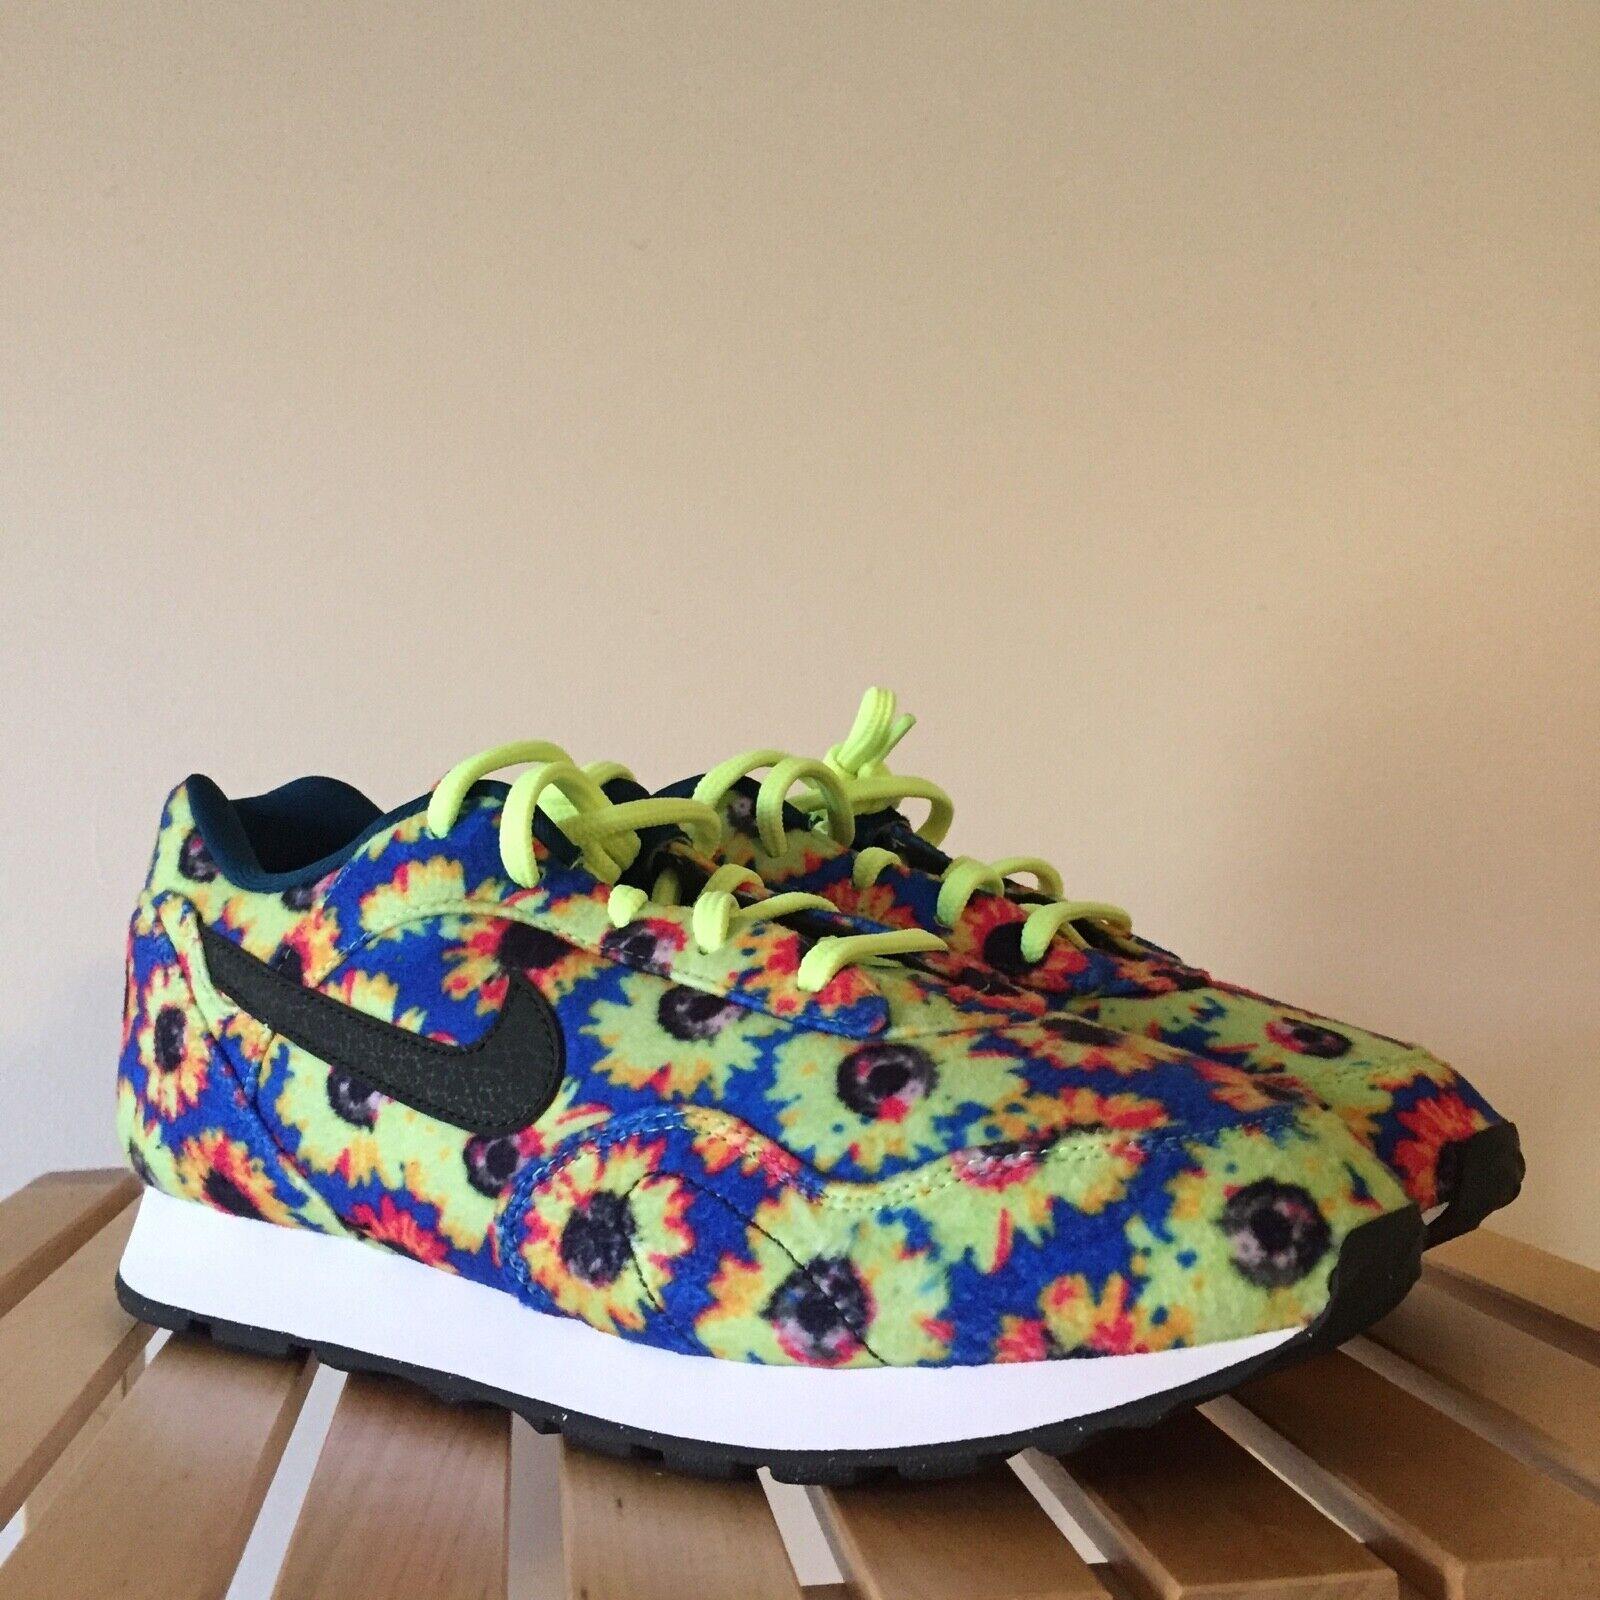 Nike Wmns Outburst SE  Floral  AJ8299-300 Size 7 Sequoia White Volt Glow NEW